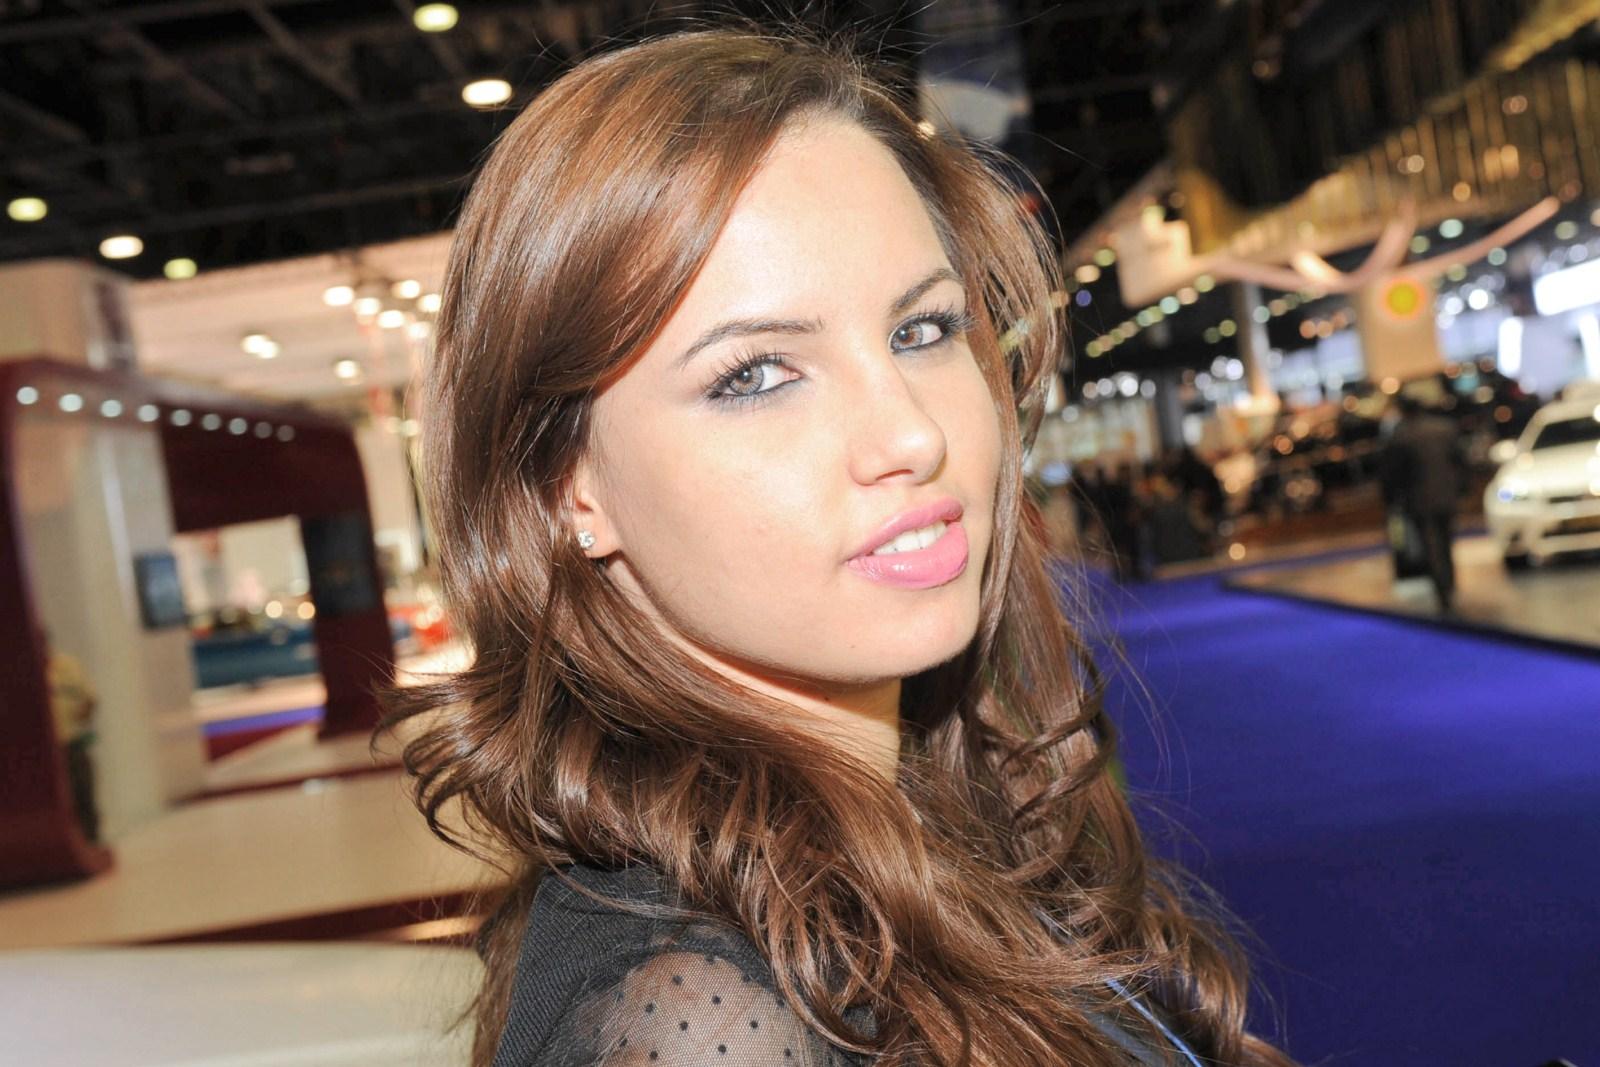 Qatar Girls